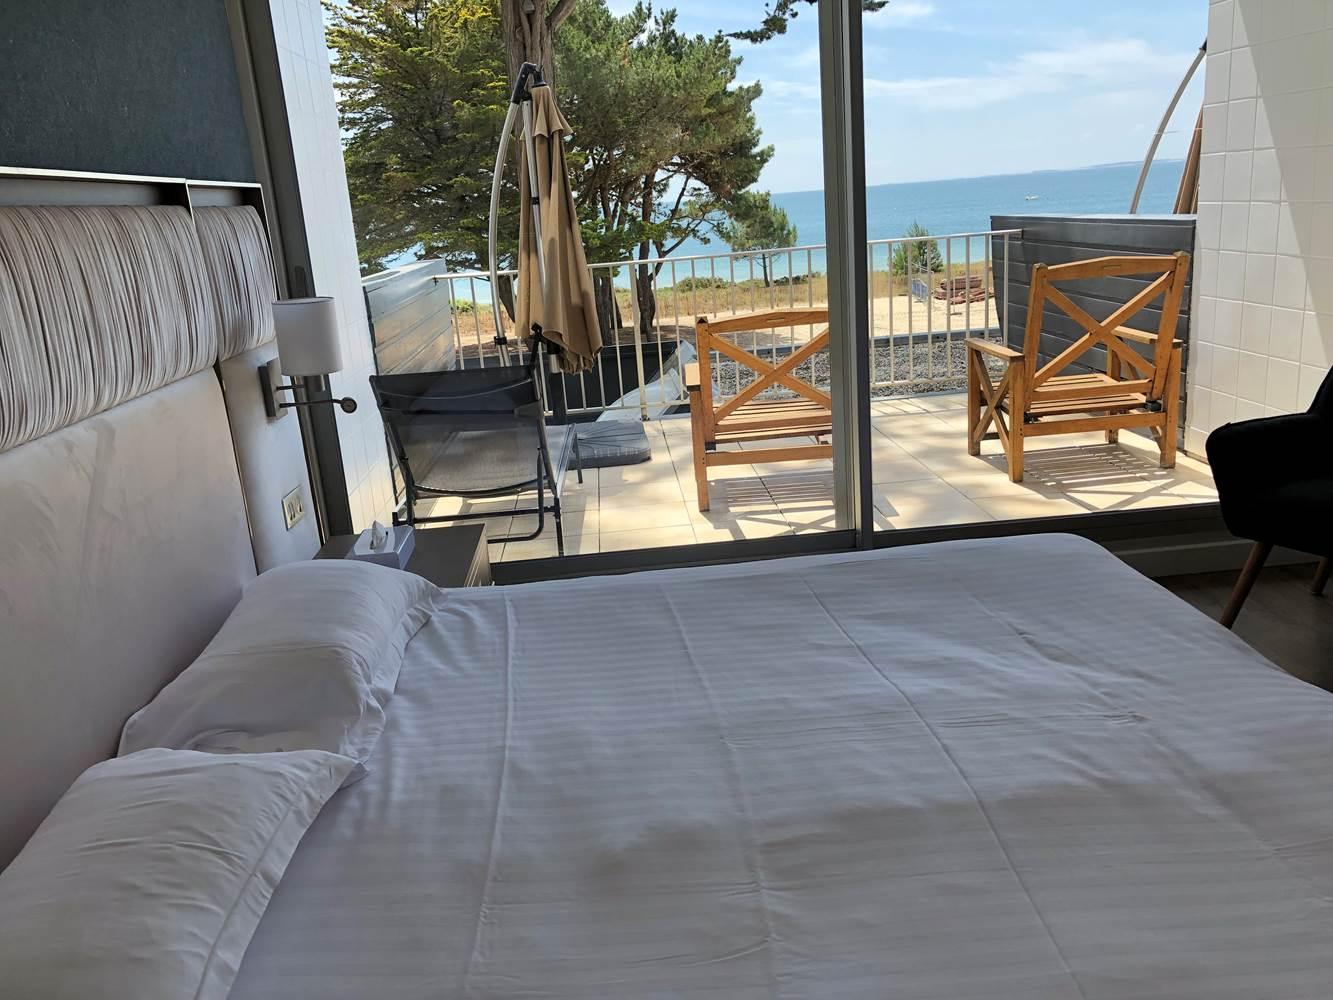 Chambre Prestige - LE DIANA**** Hotel & Spa Nuxe ©